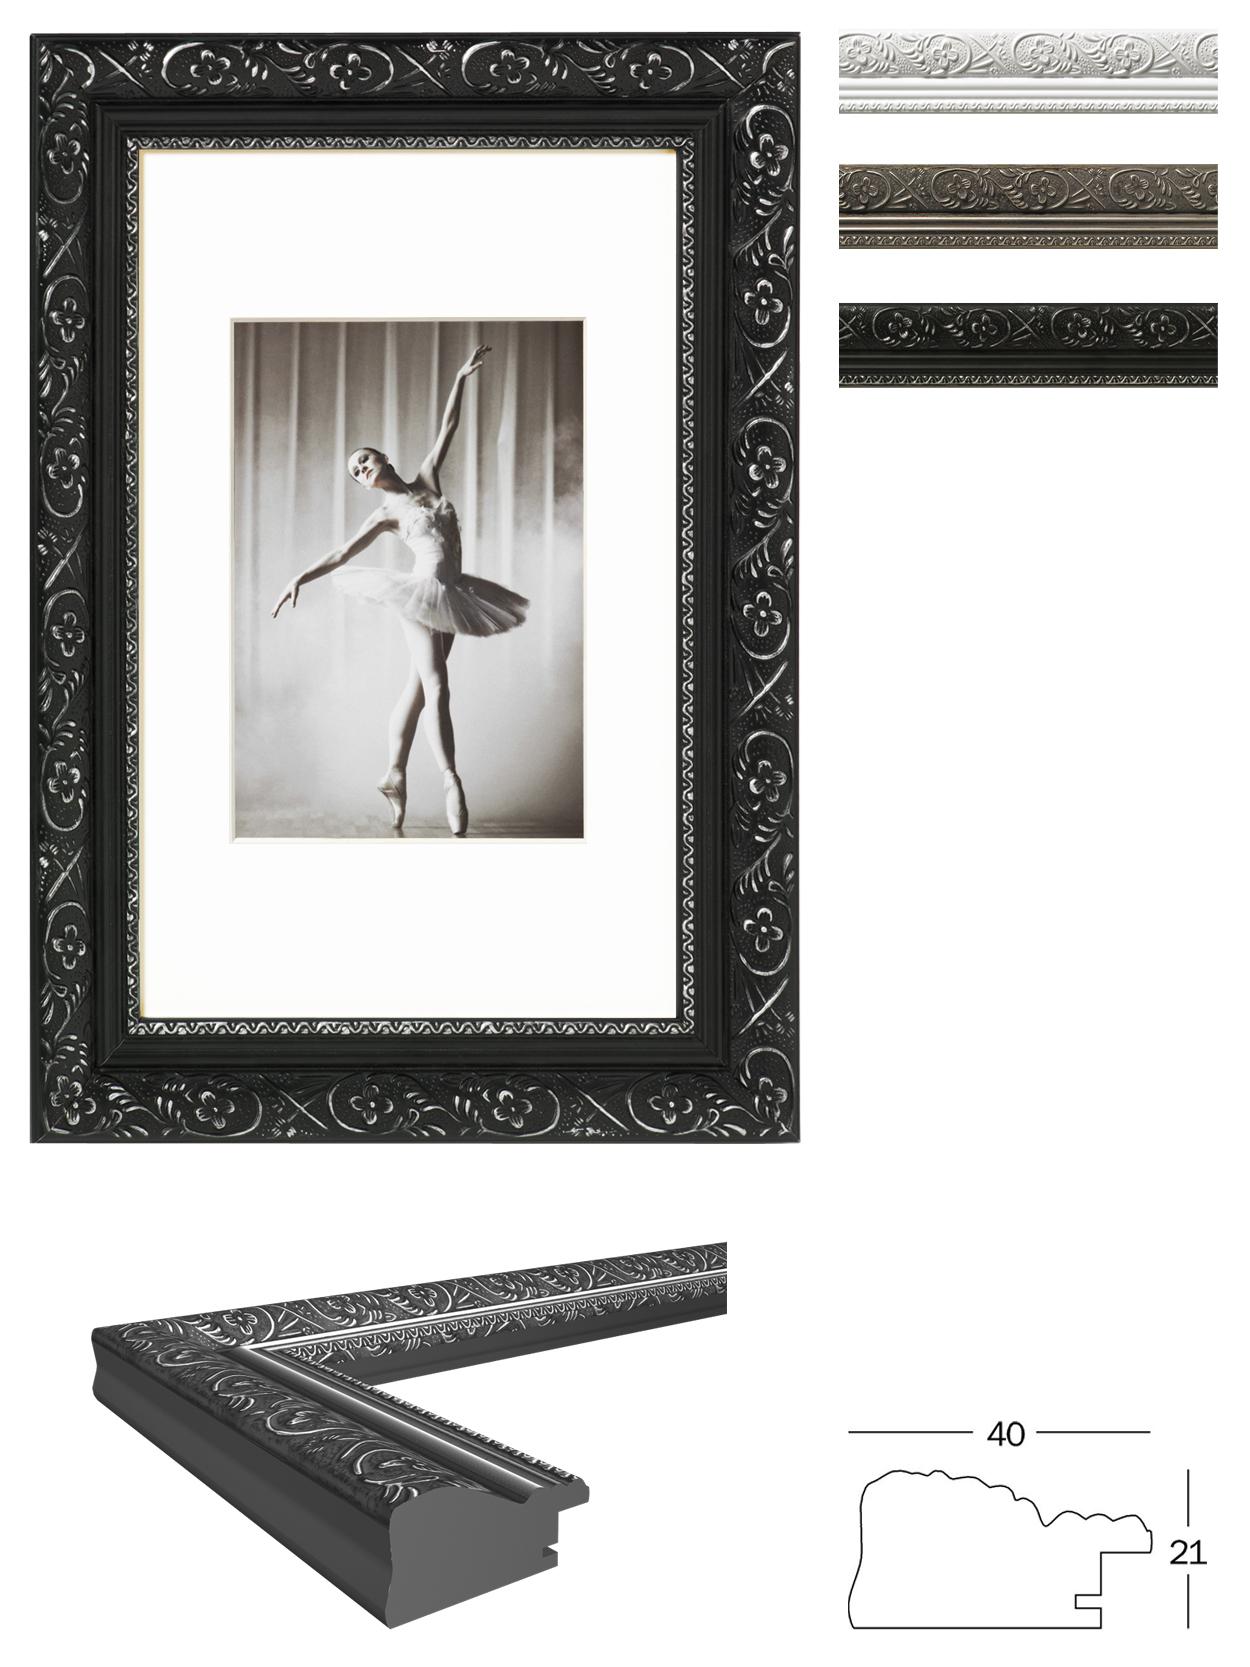 Holz-Bilderrahmen - Bilderrahmen aus Holz in allen Größen und Formen